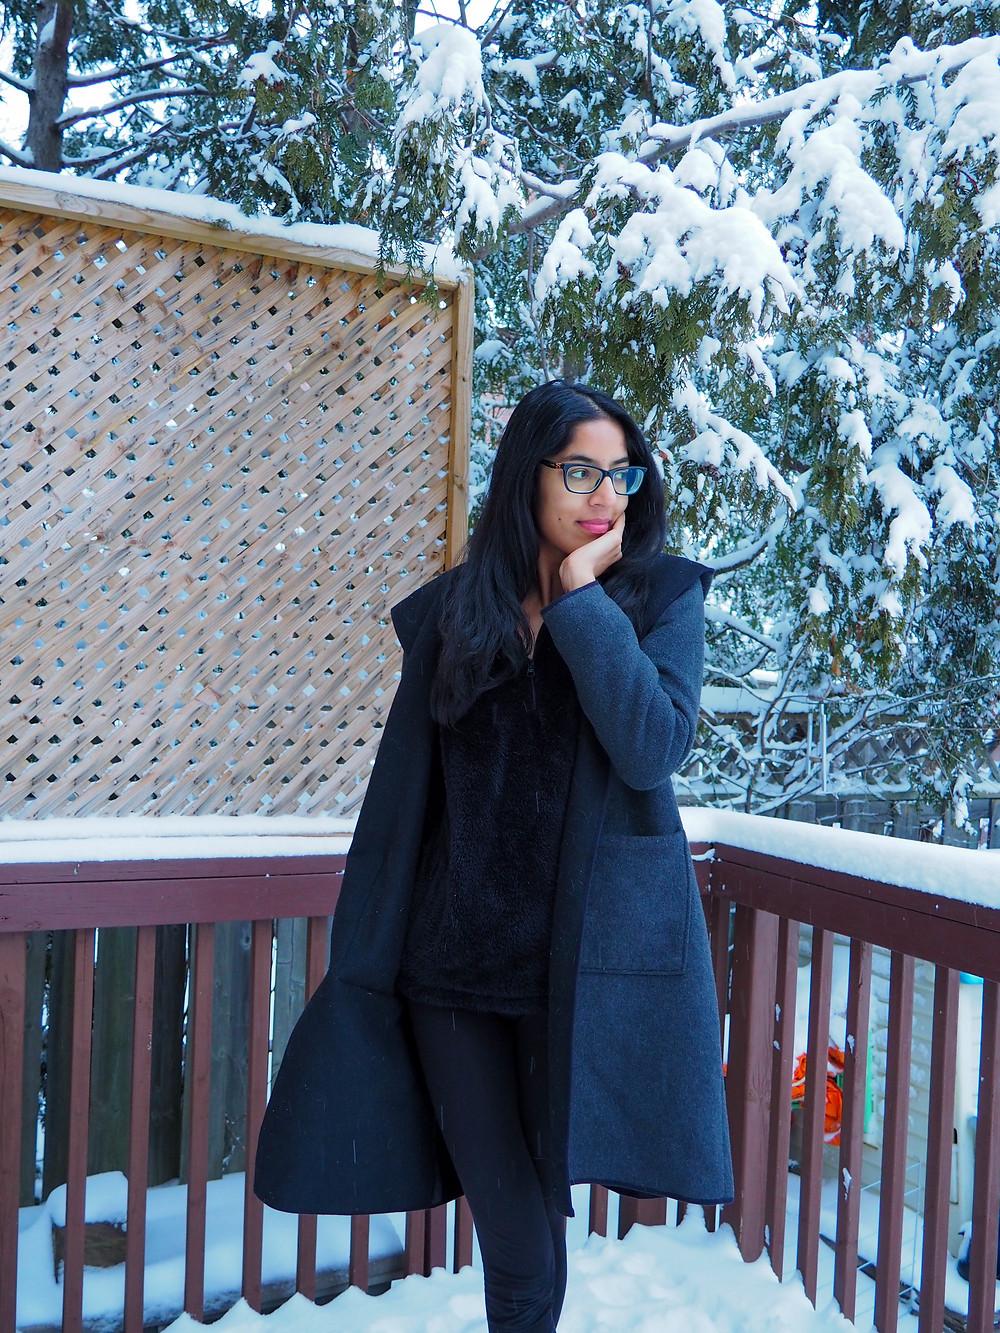 woman standing in snow in coat